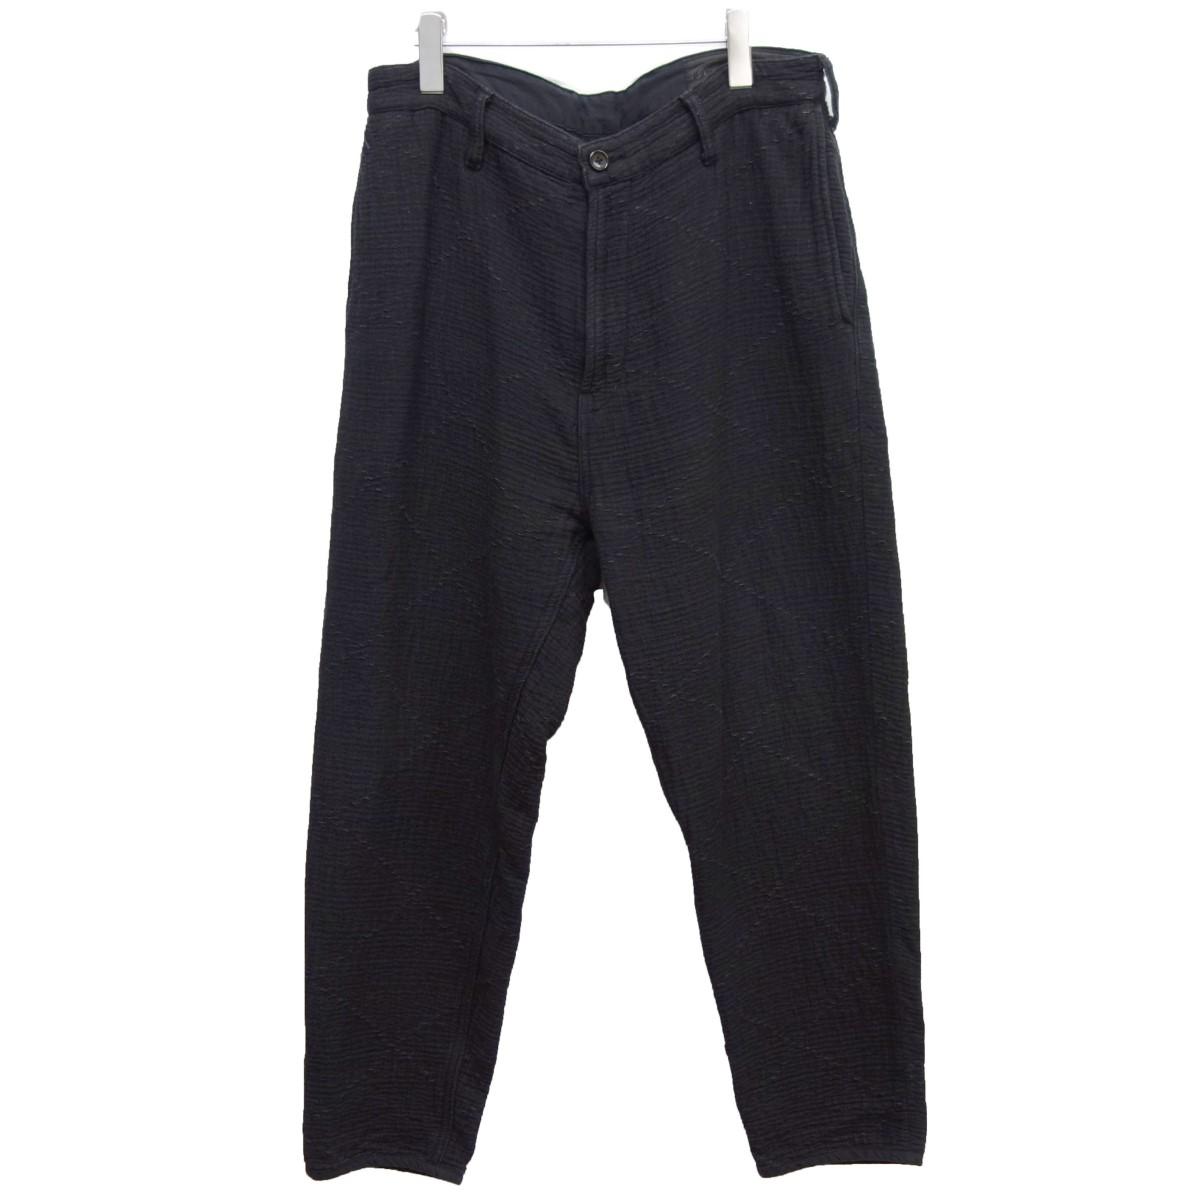 【中古】Porter Classic「SASHIKO KENDO PANTS」刺し子剣道パンツ ブラック サイズ:M【2月24日見直し】